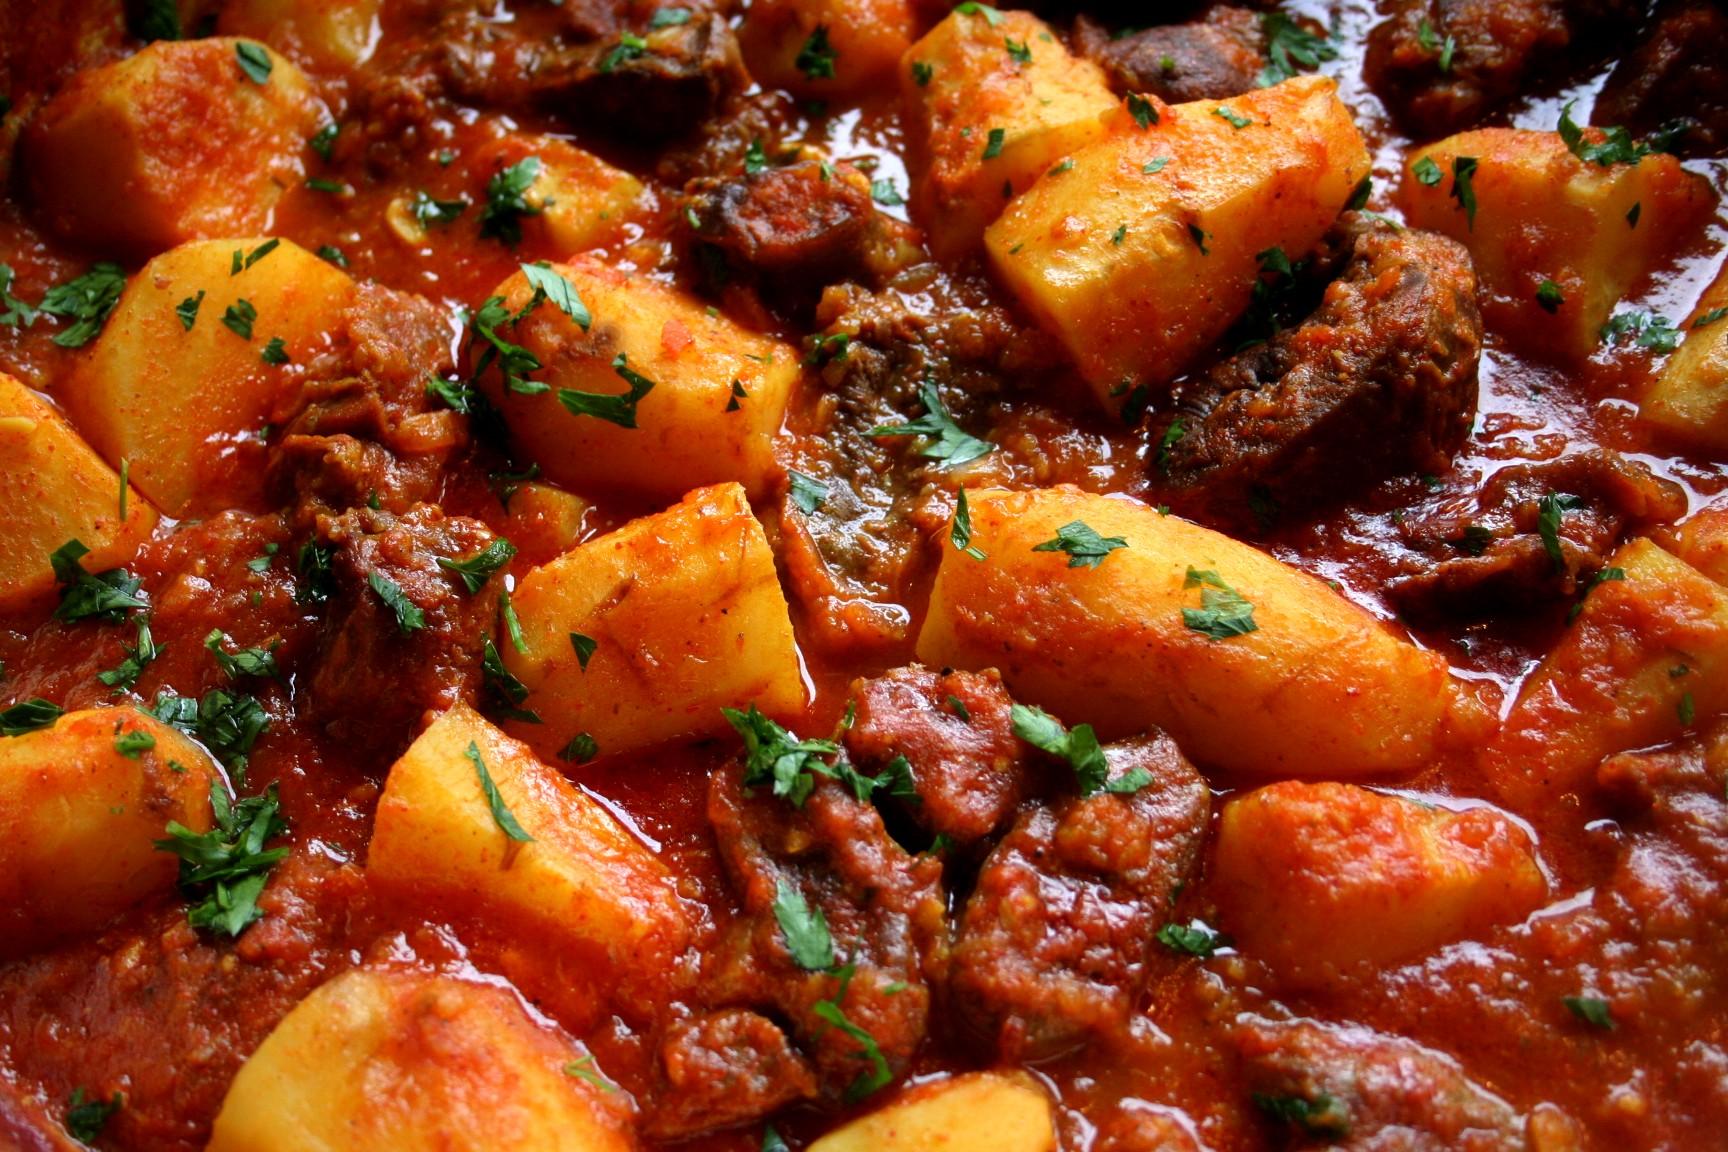 תבשיל בשר וארטישוק ירושלמי בסגנון מרוקאי